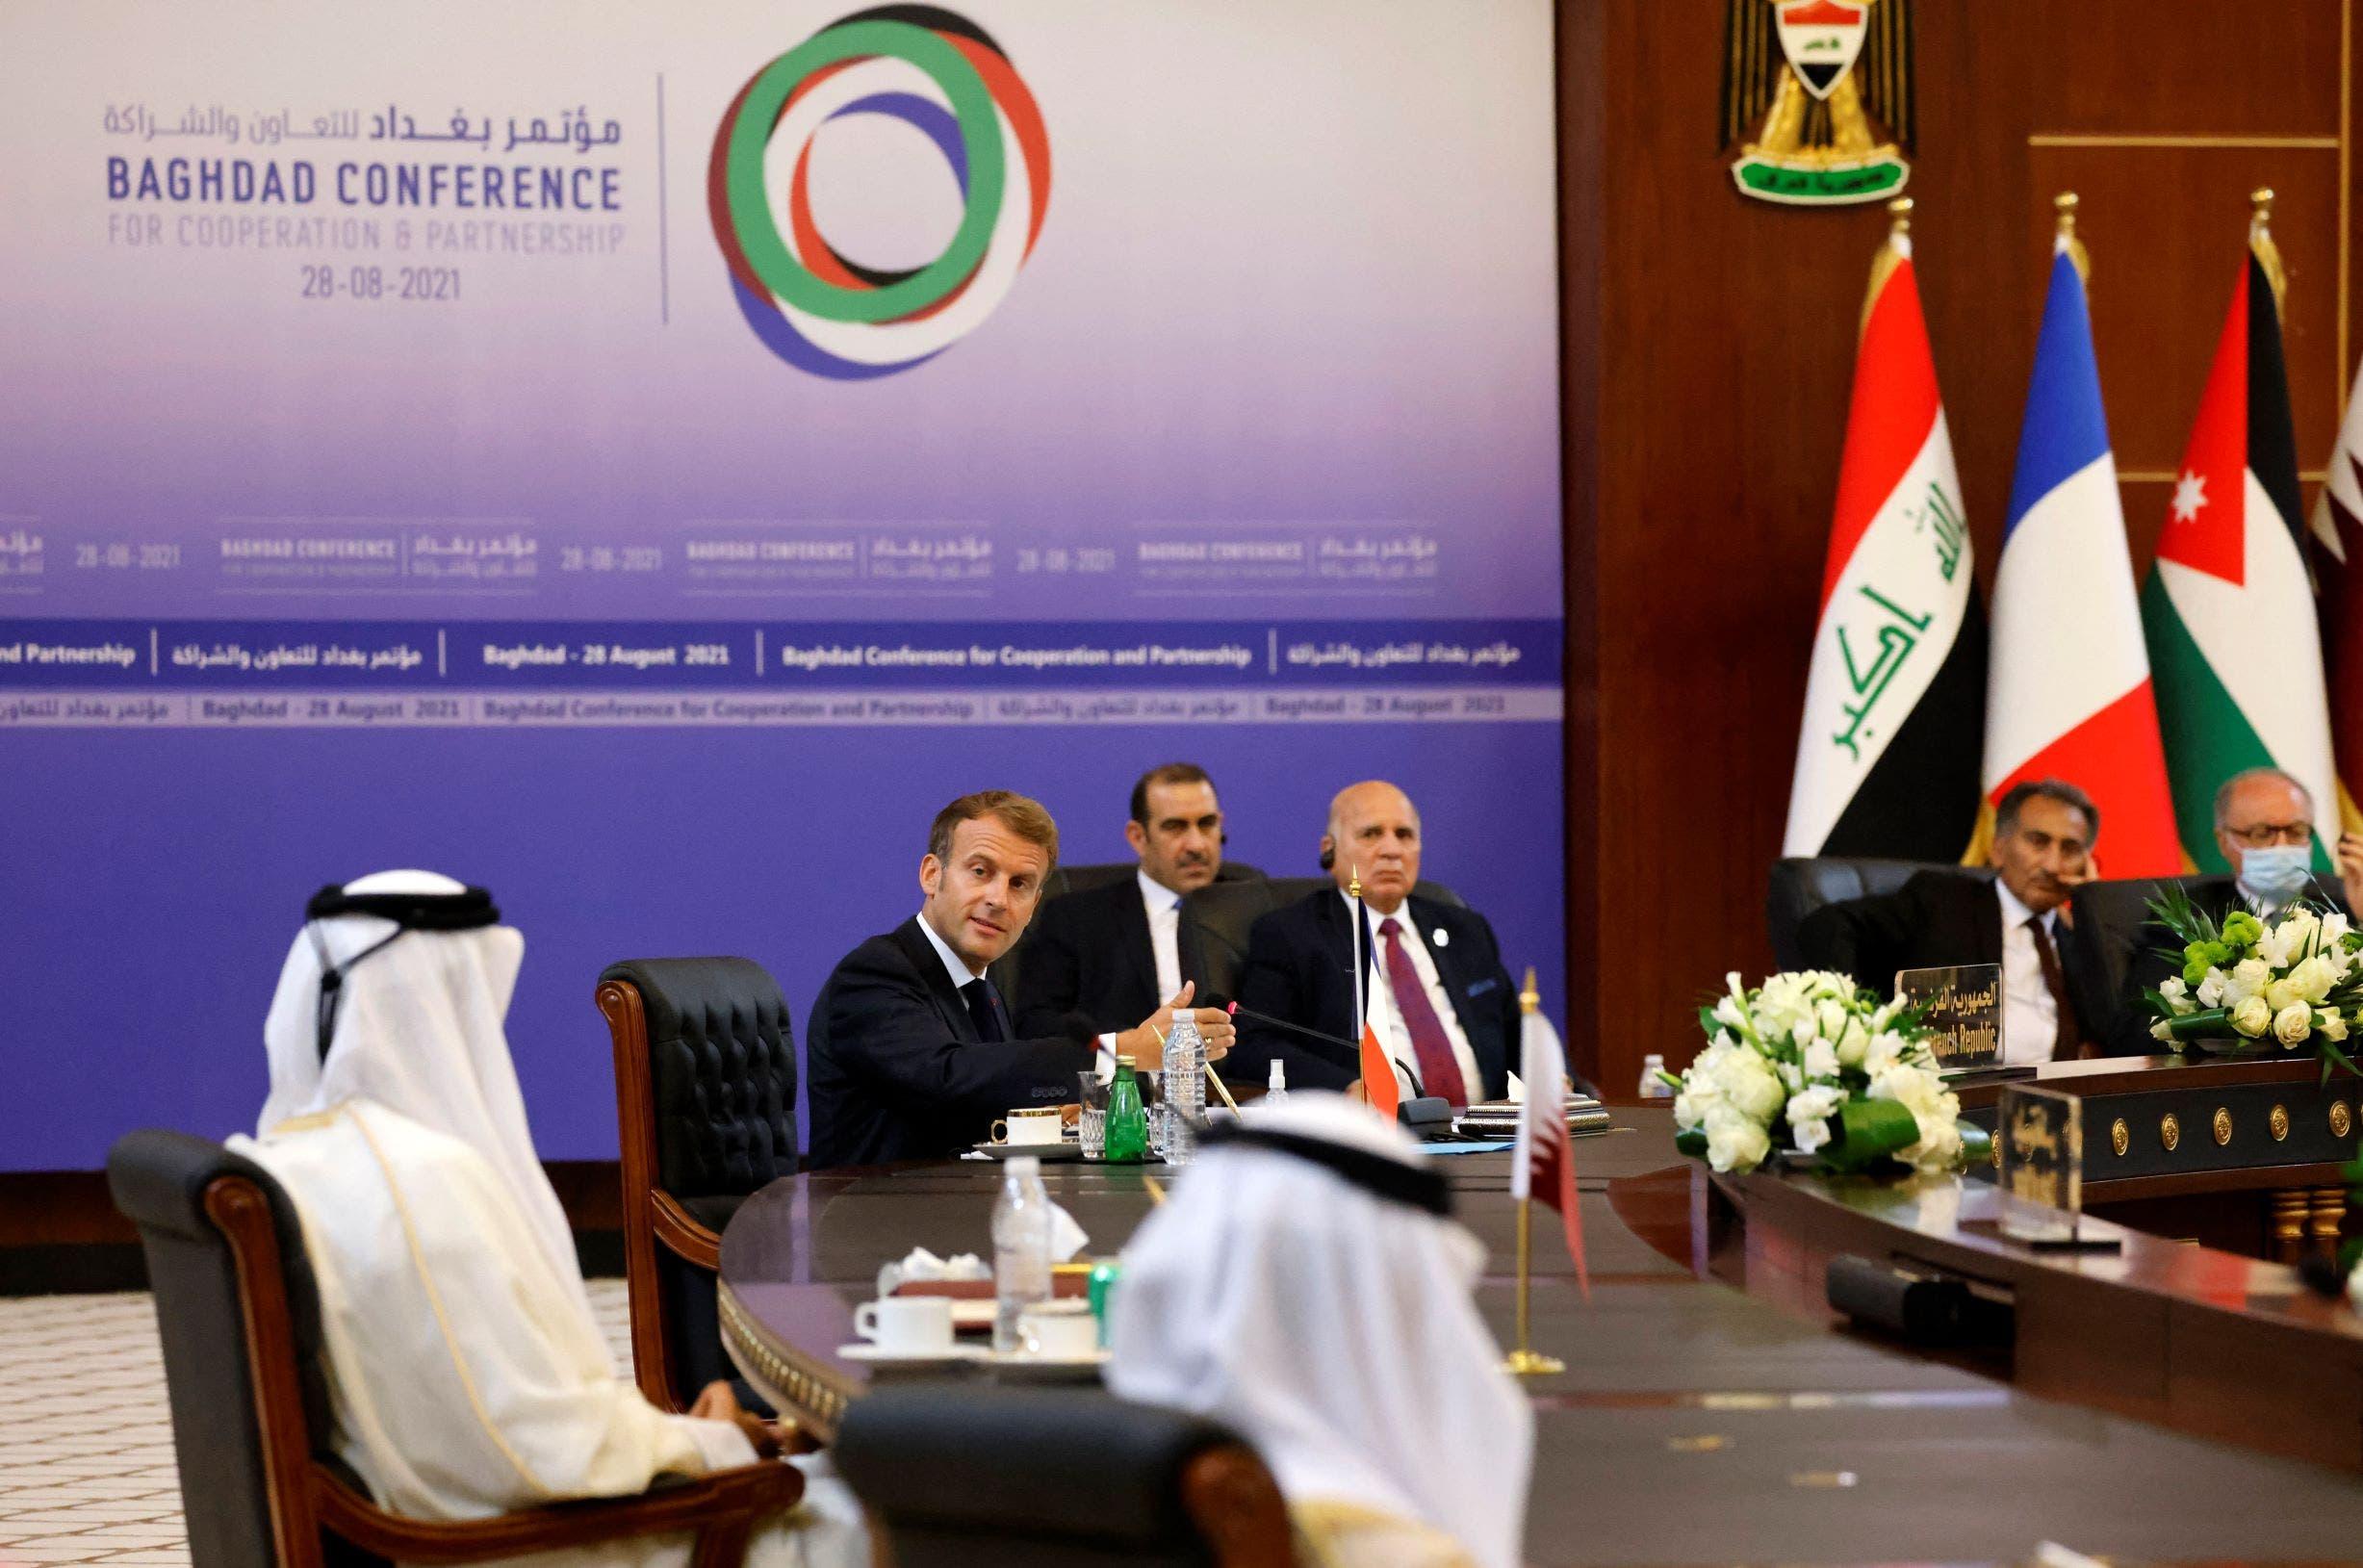 مؤتمر بغداد -2021